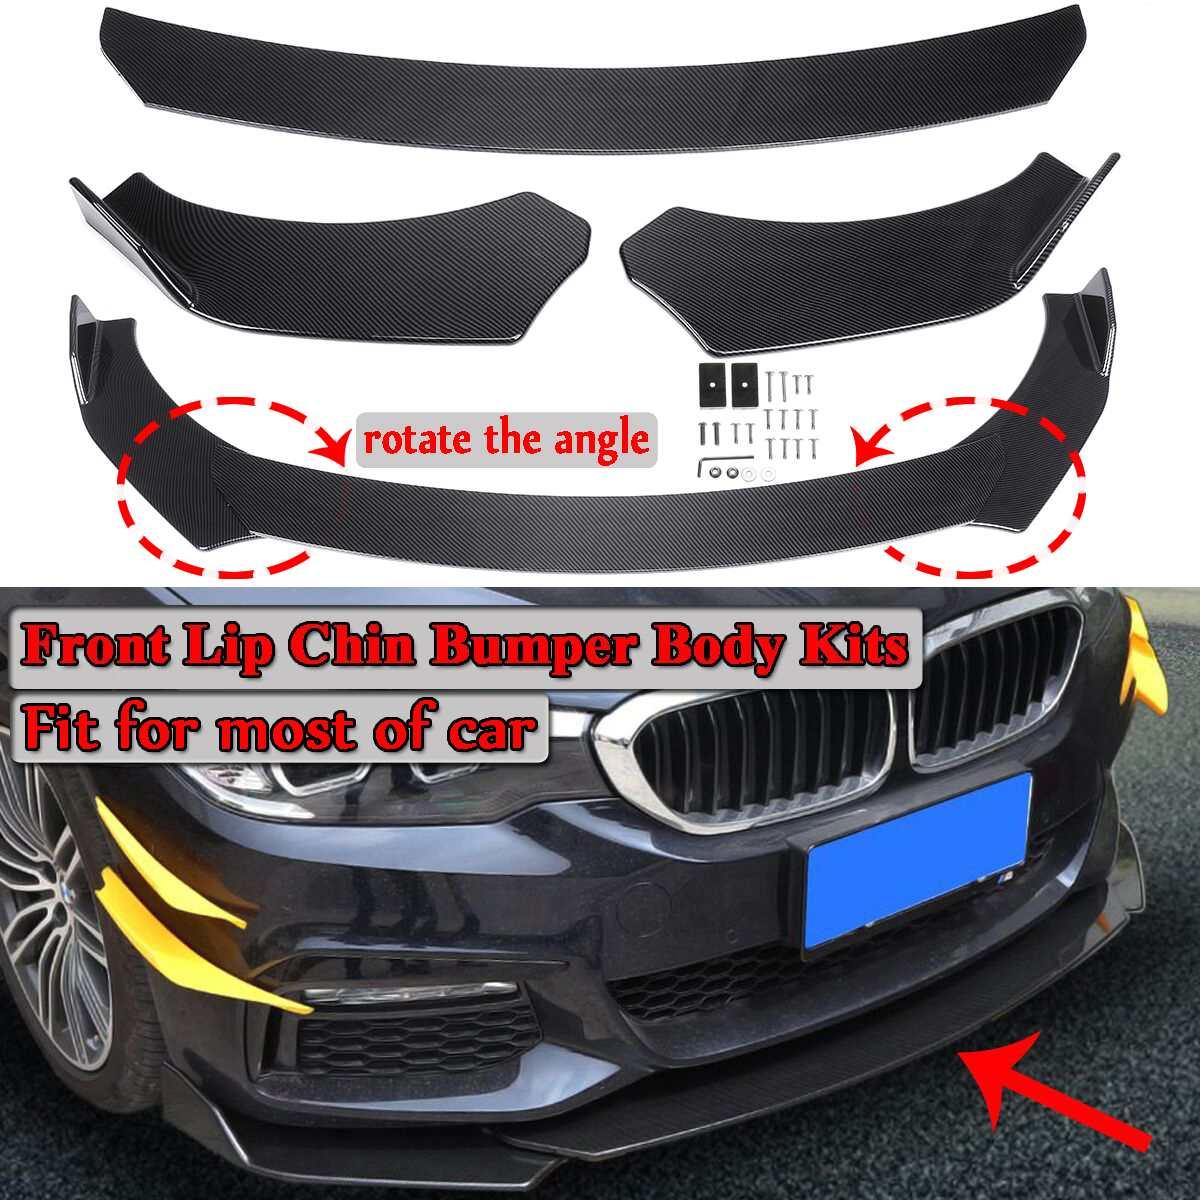 Diffuseur universel noir de séparateur de Kits de corps de lèvre de pare-chocs avant de voiture pour BMW pour Benz pour Audi pour VW pour Subaru